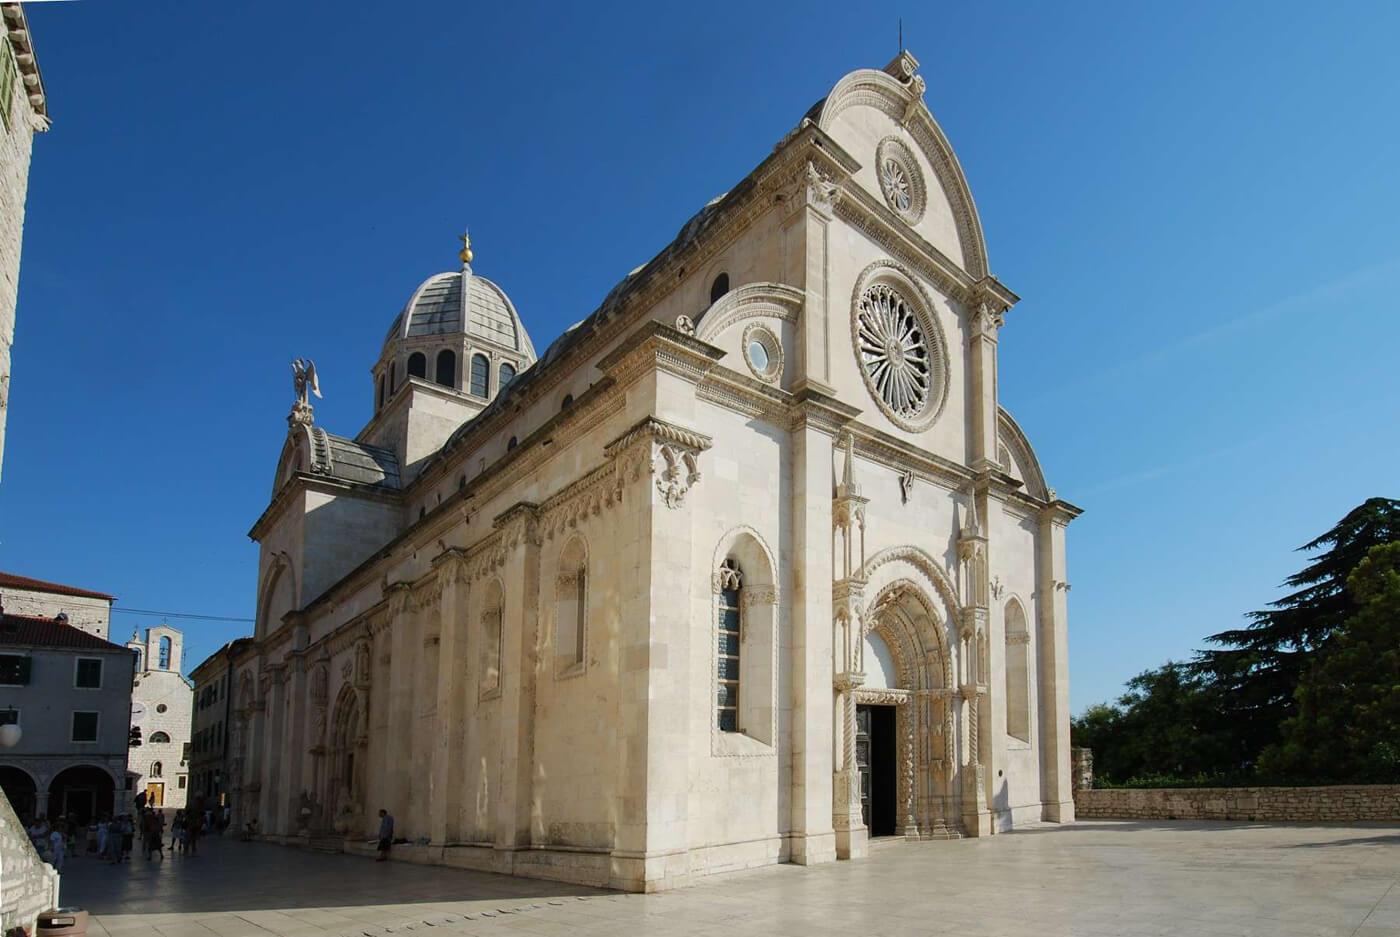 Кафедральный собор The Cathedral of St James